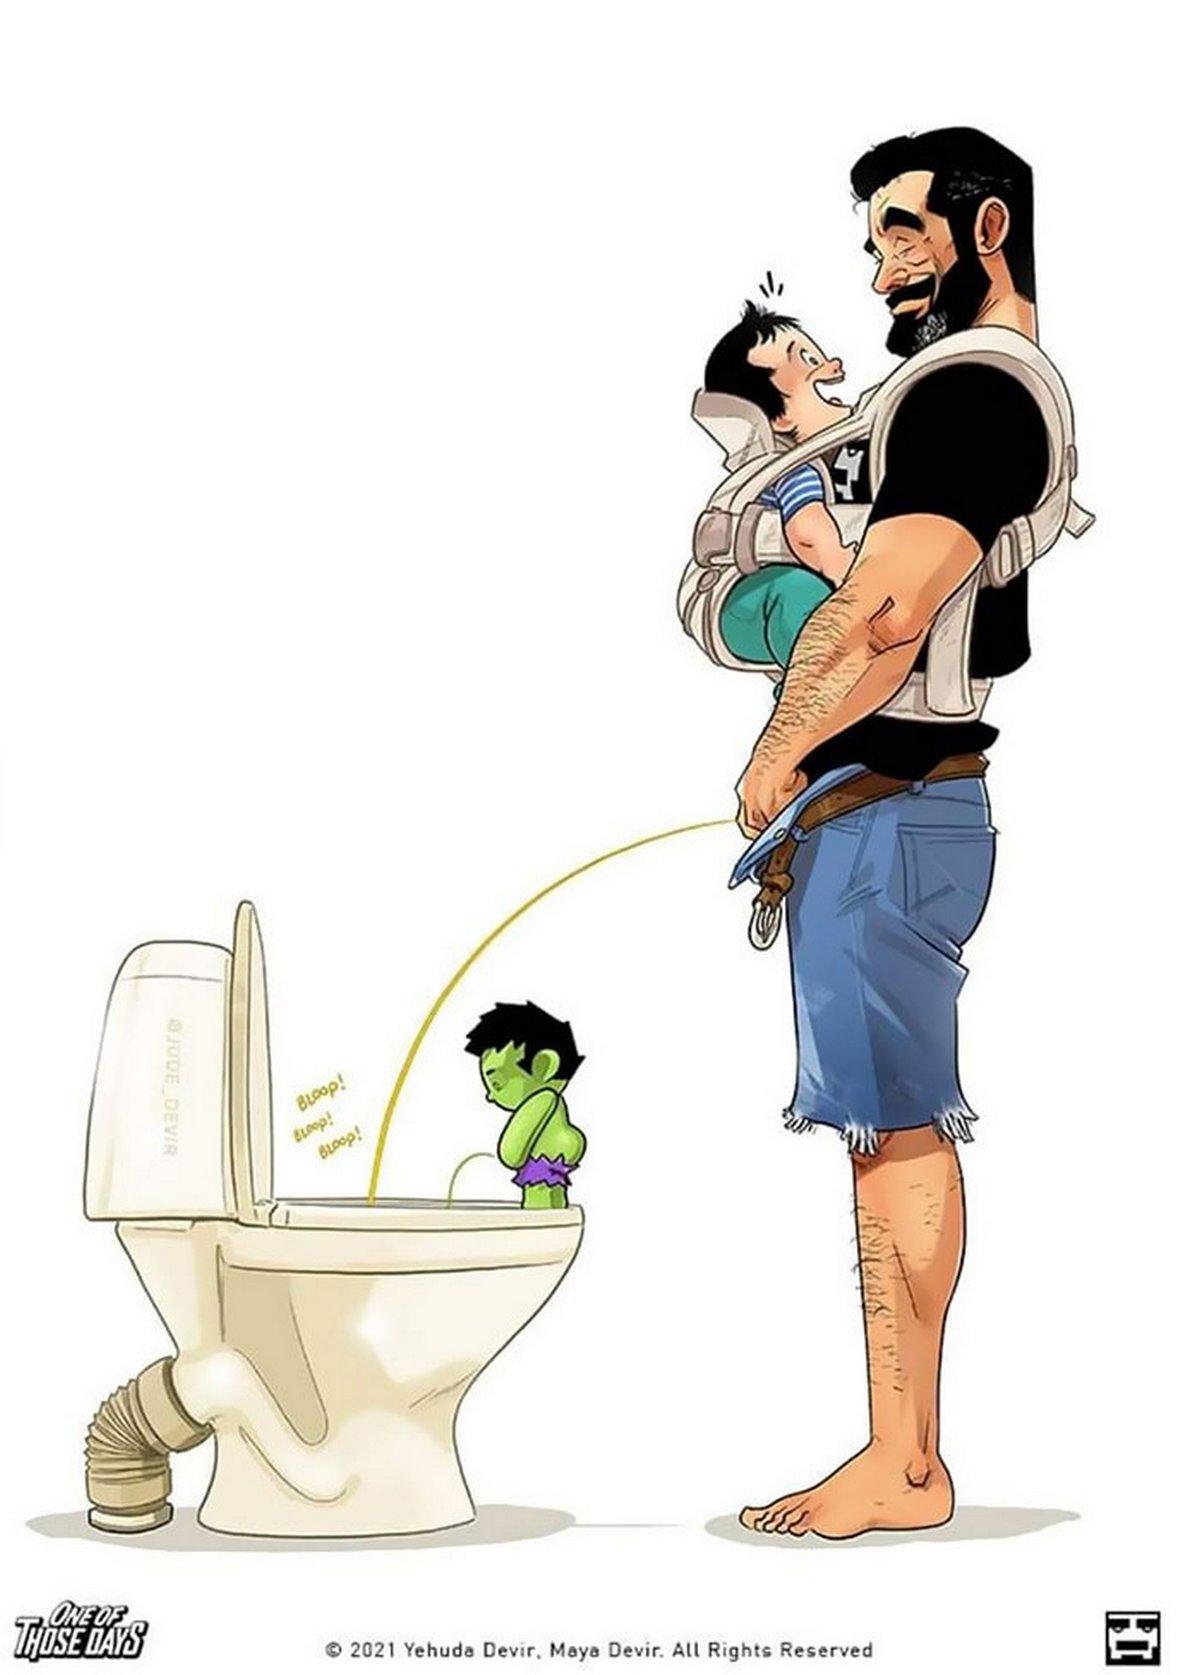 La famille Devir vient d'accueillir son fils et ces bandes dessinées montrent comment ça se passe